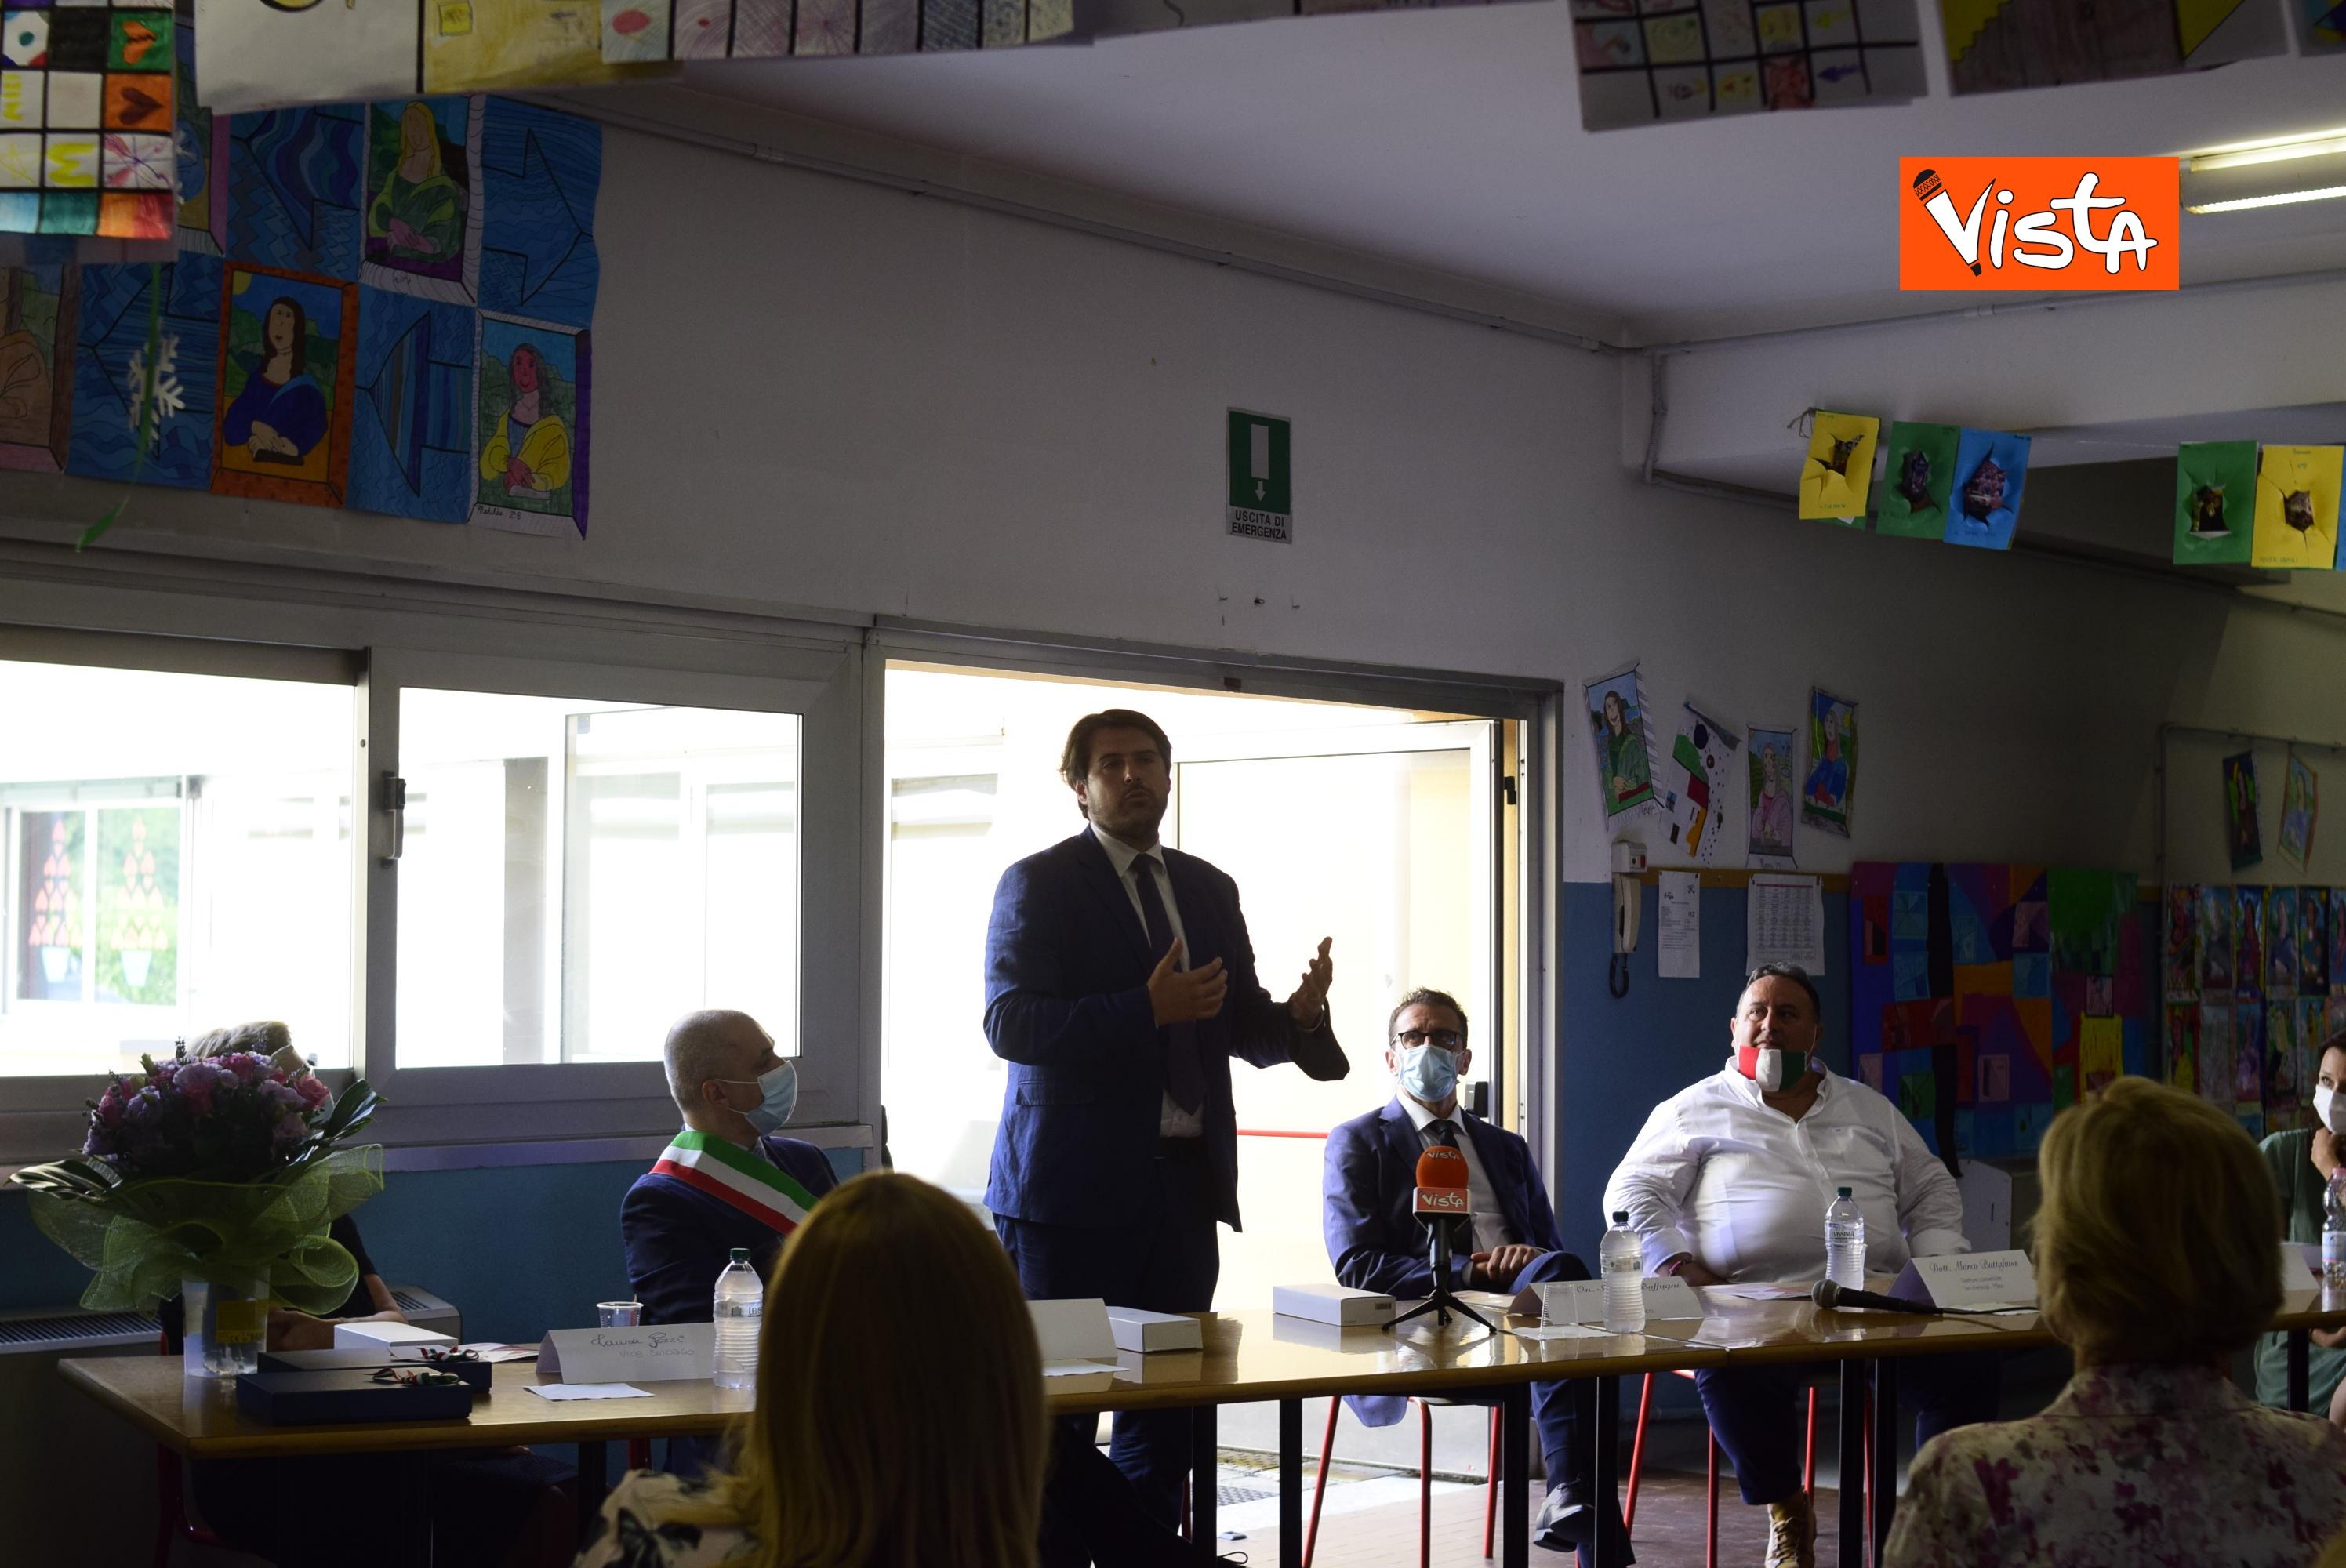 10-07-20 Scuola Nasce il progetto Carugo per la riapertura in sicurezza a settembre della scuola _03